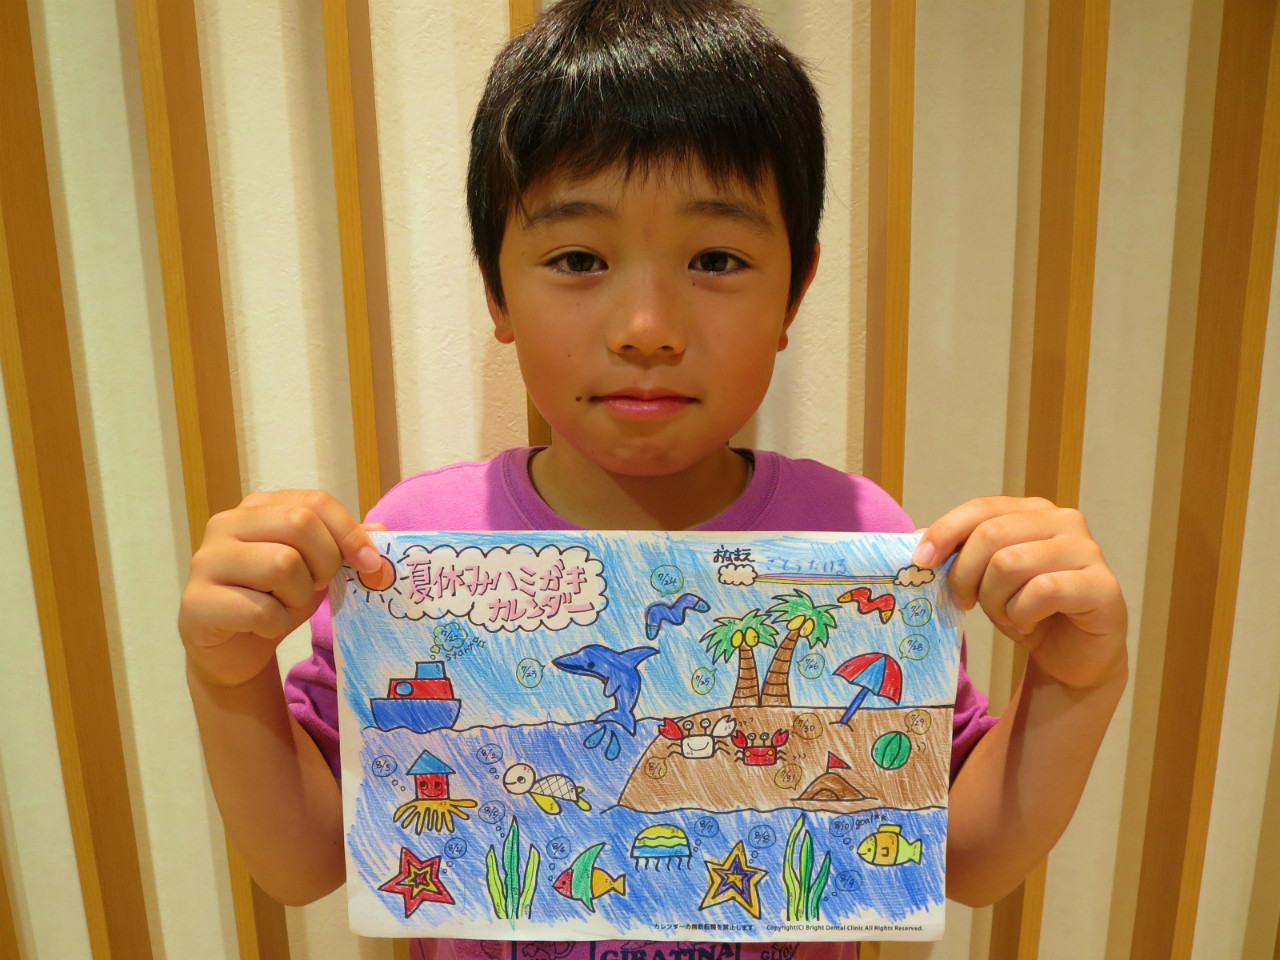 歯磨きカレンダー♪ /pyOn吉